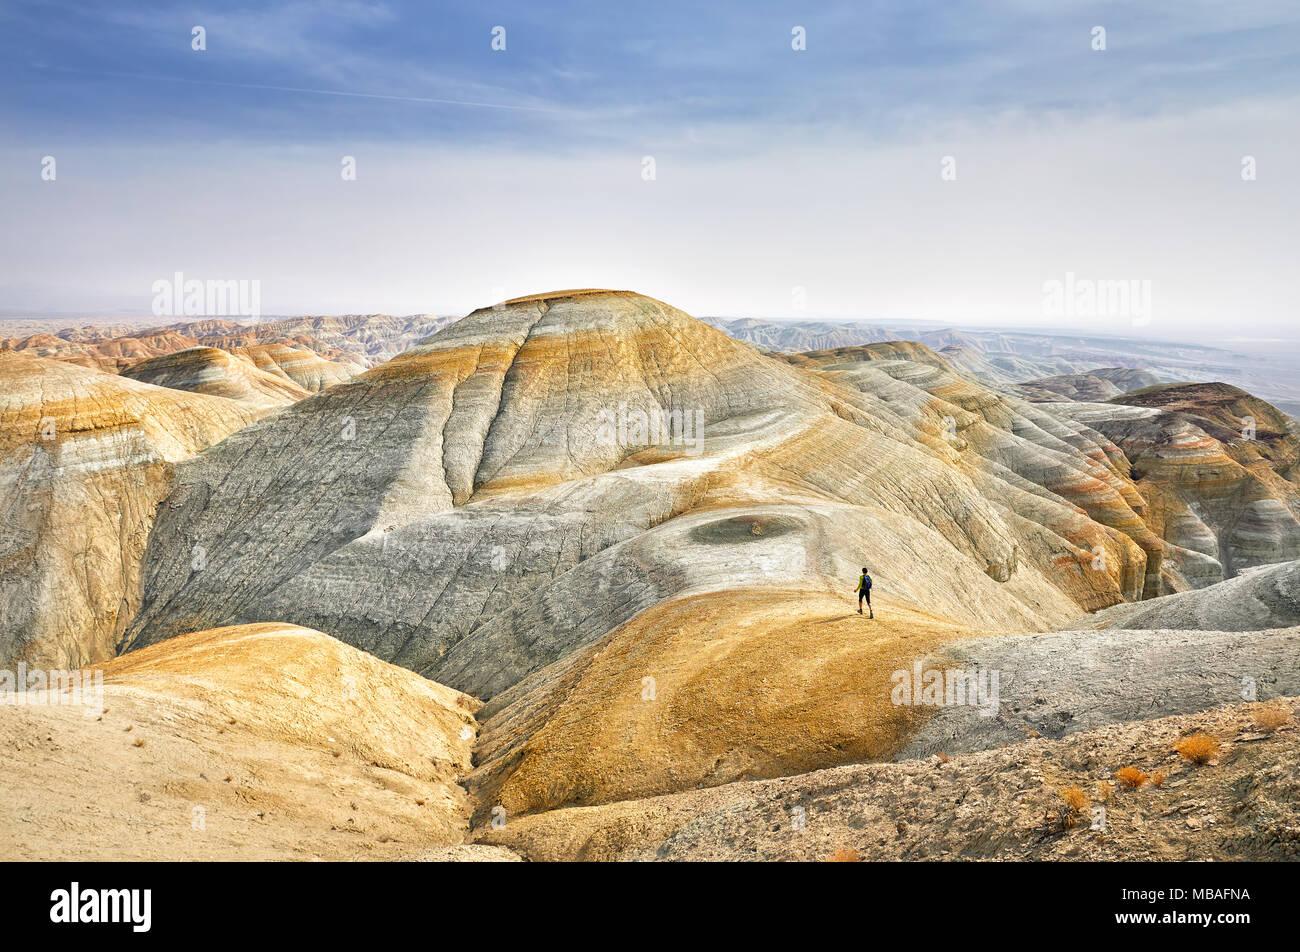 Turismo a piedi il sentiero di giallo surreale montagne del Parco Deserto Altyn Emel in Kazakistan Immagini Stock